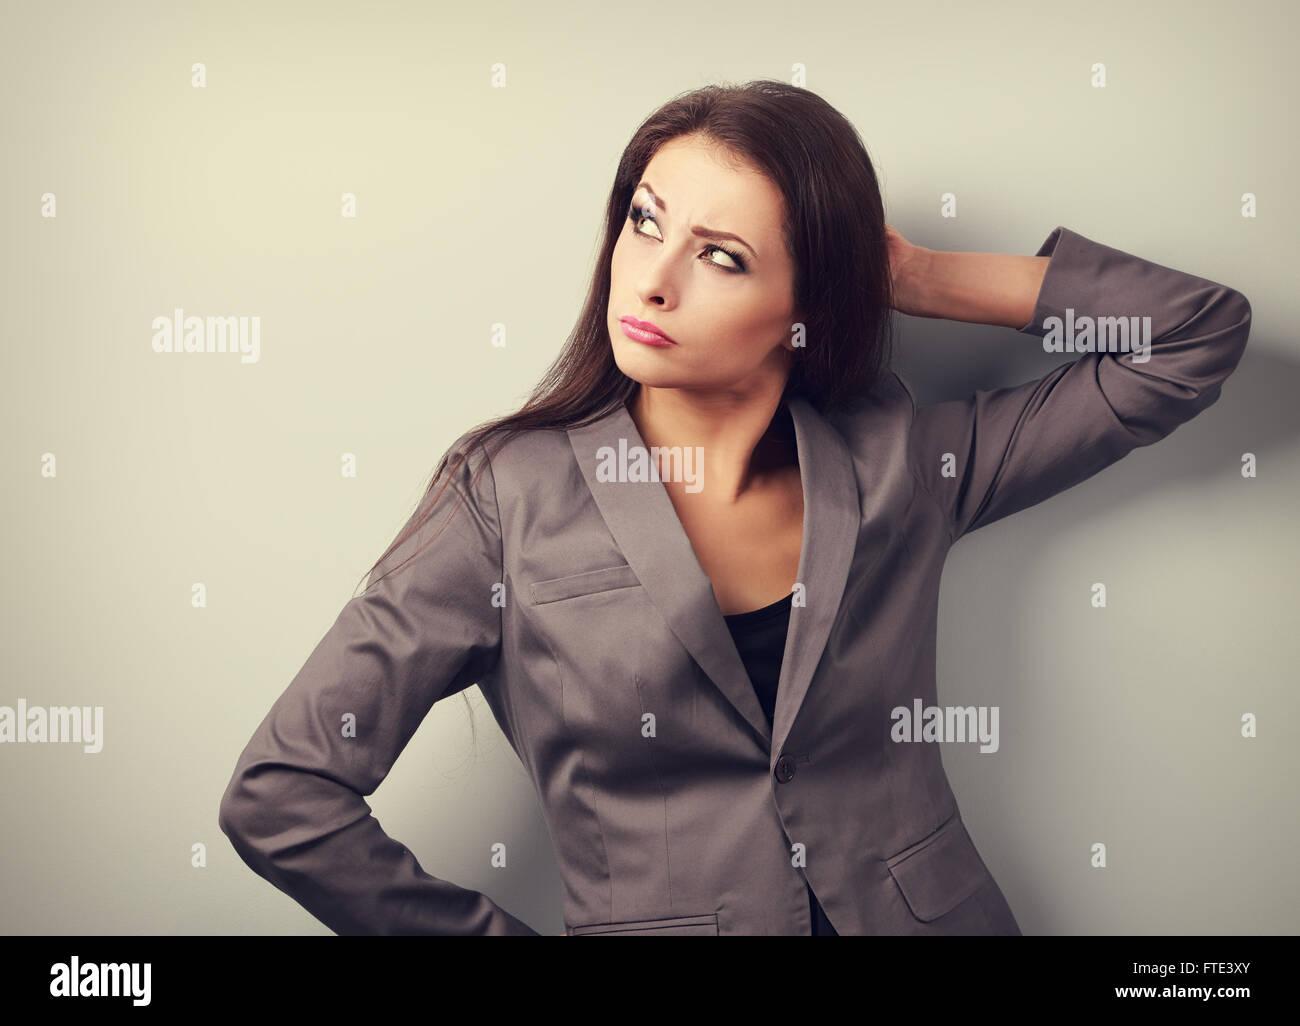 Concentración molesta mujer de negocios en traje buscando tonos upю retrato Foto de stock